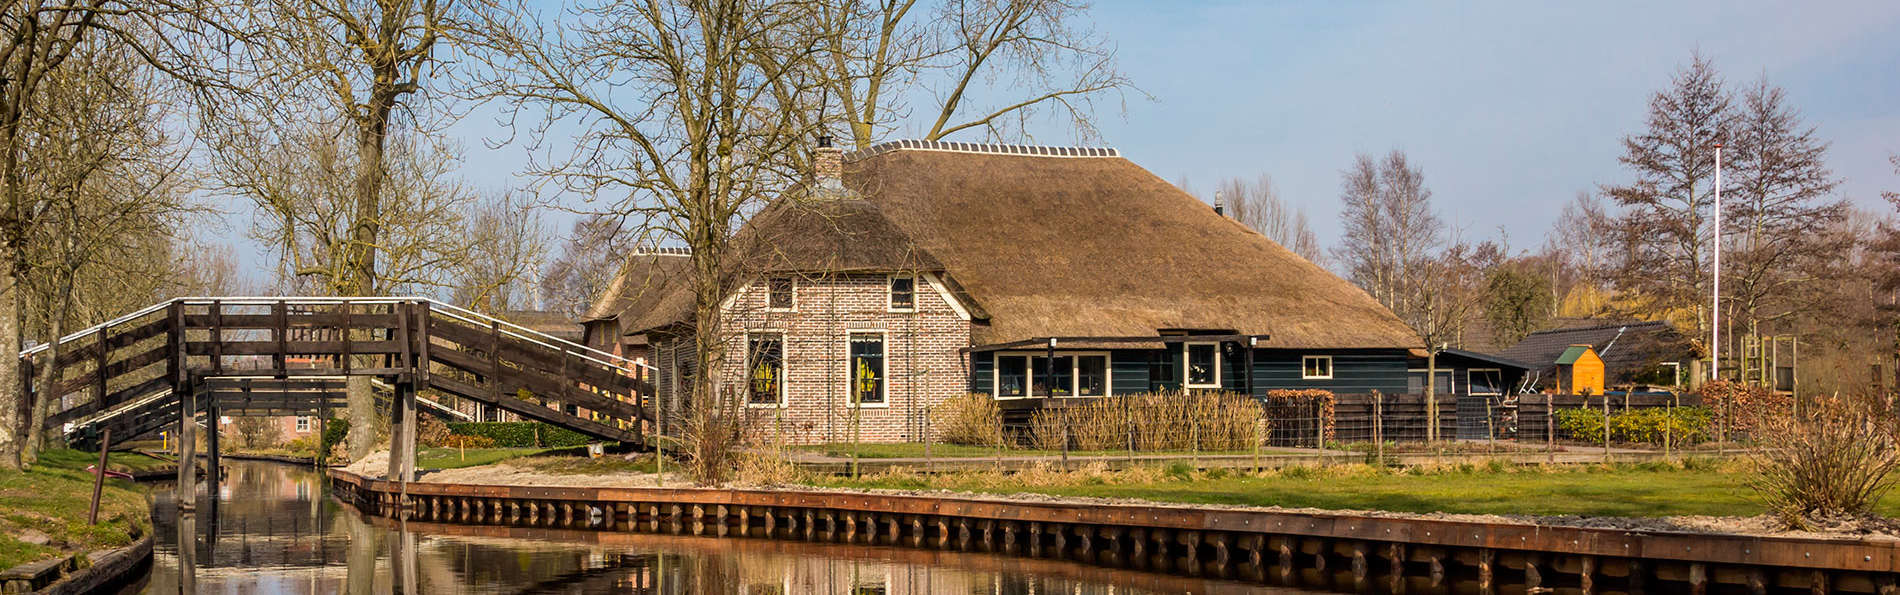 Retrouvez la paix dans la région boisée près de Giethoorn